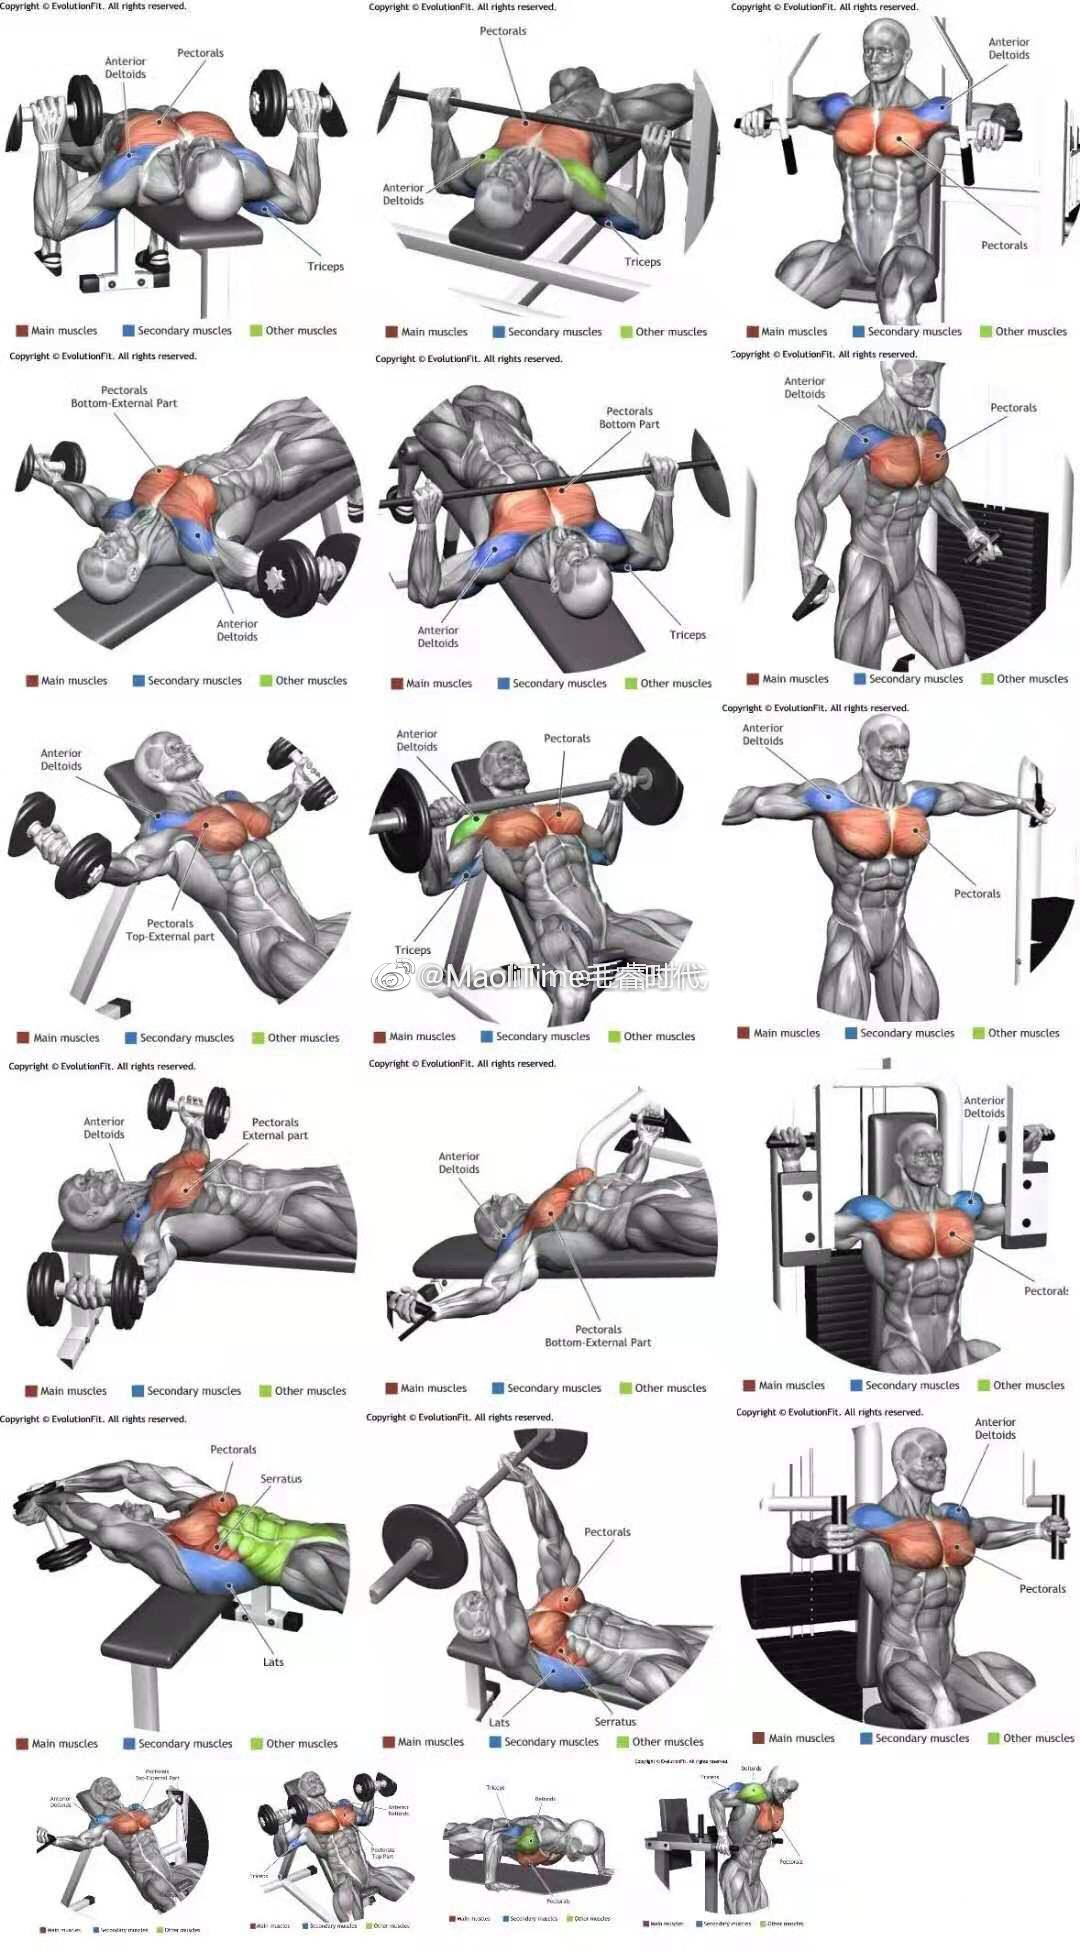 毛睿干货!超全肌肉训练动作图解!涵盖全身所有部位!莱维贝贝!!